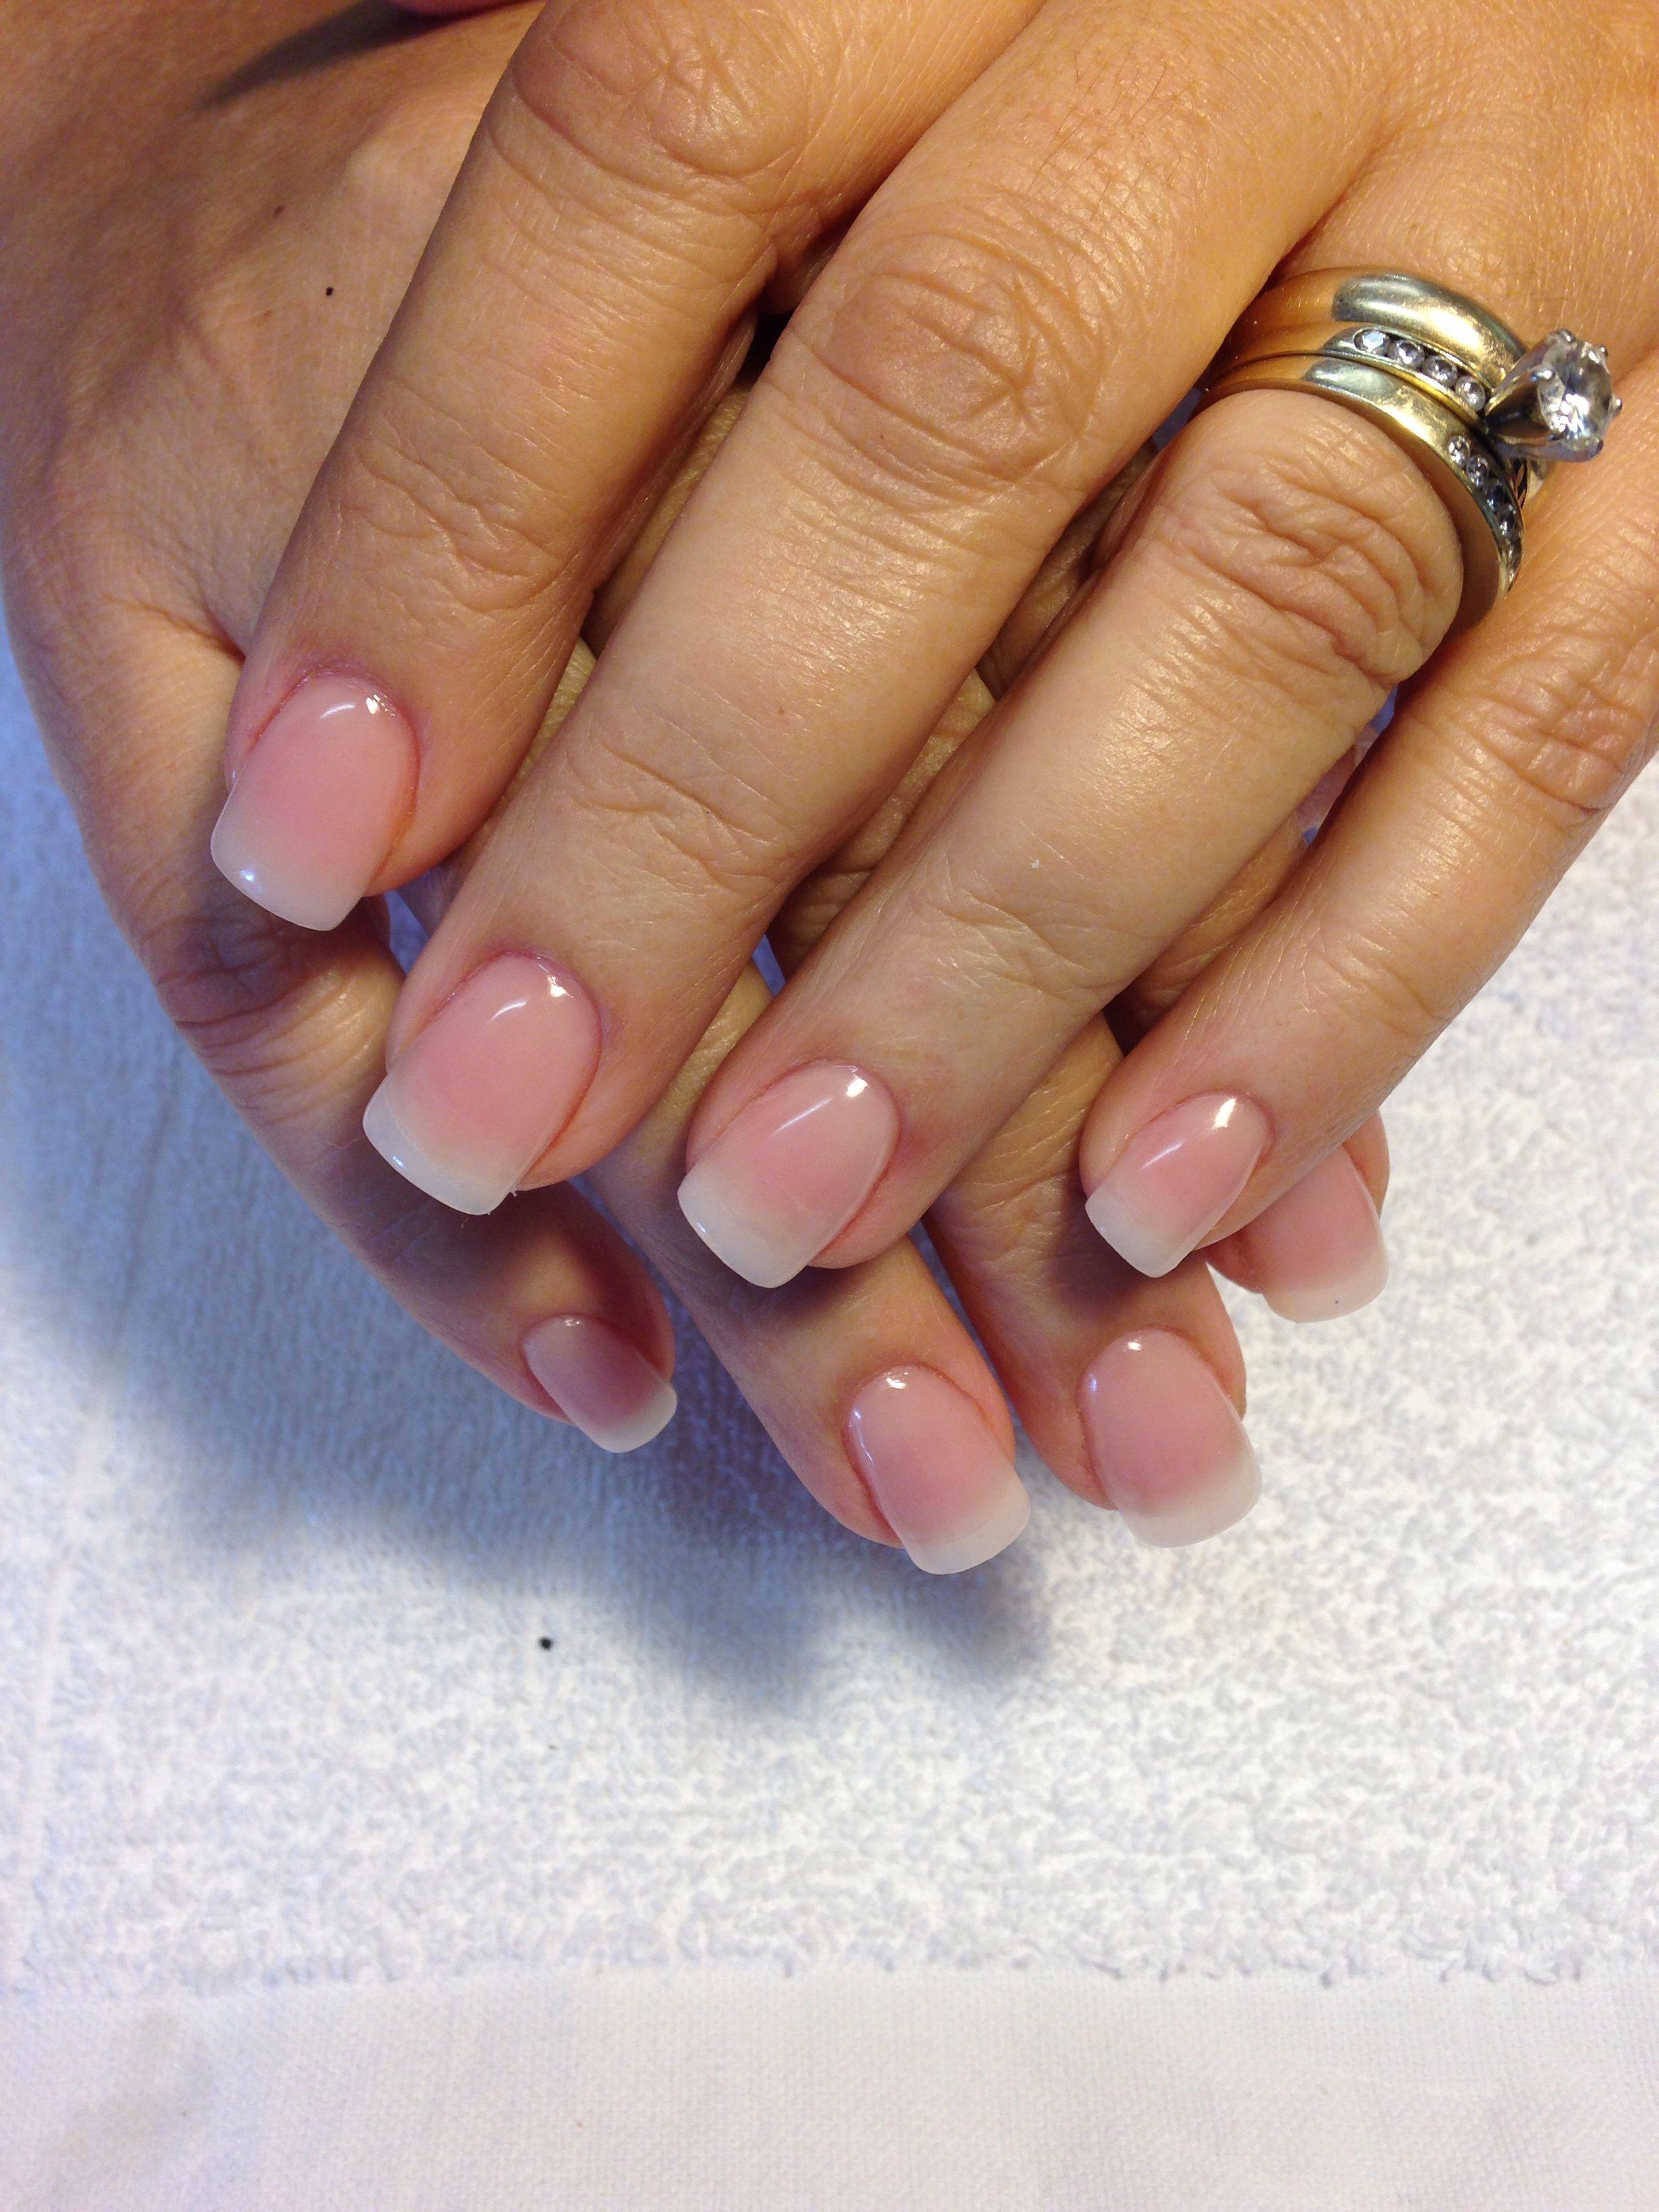 Acrylic but looking natural nails pinterest acrylics natural